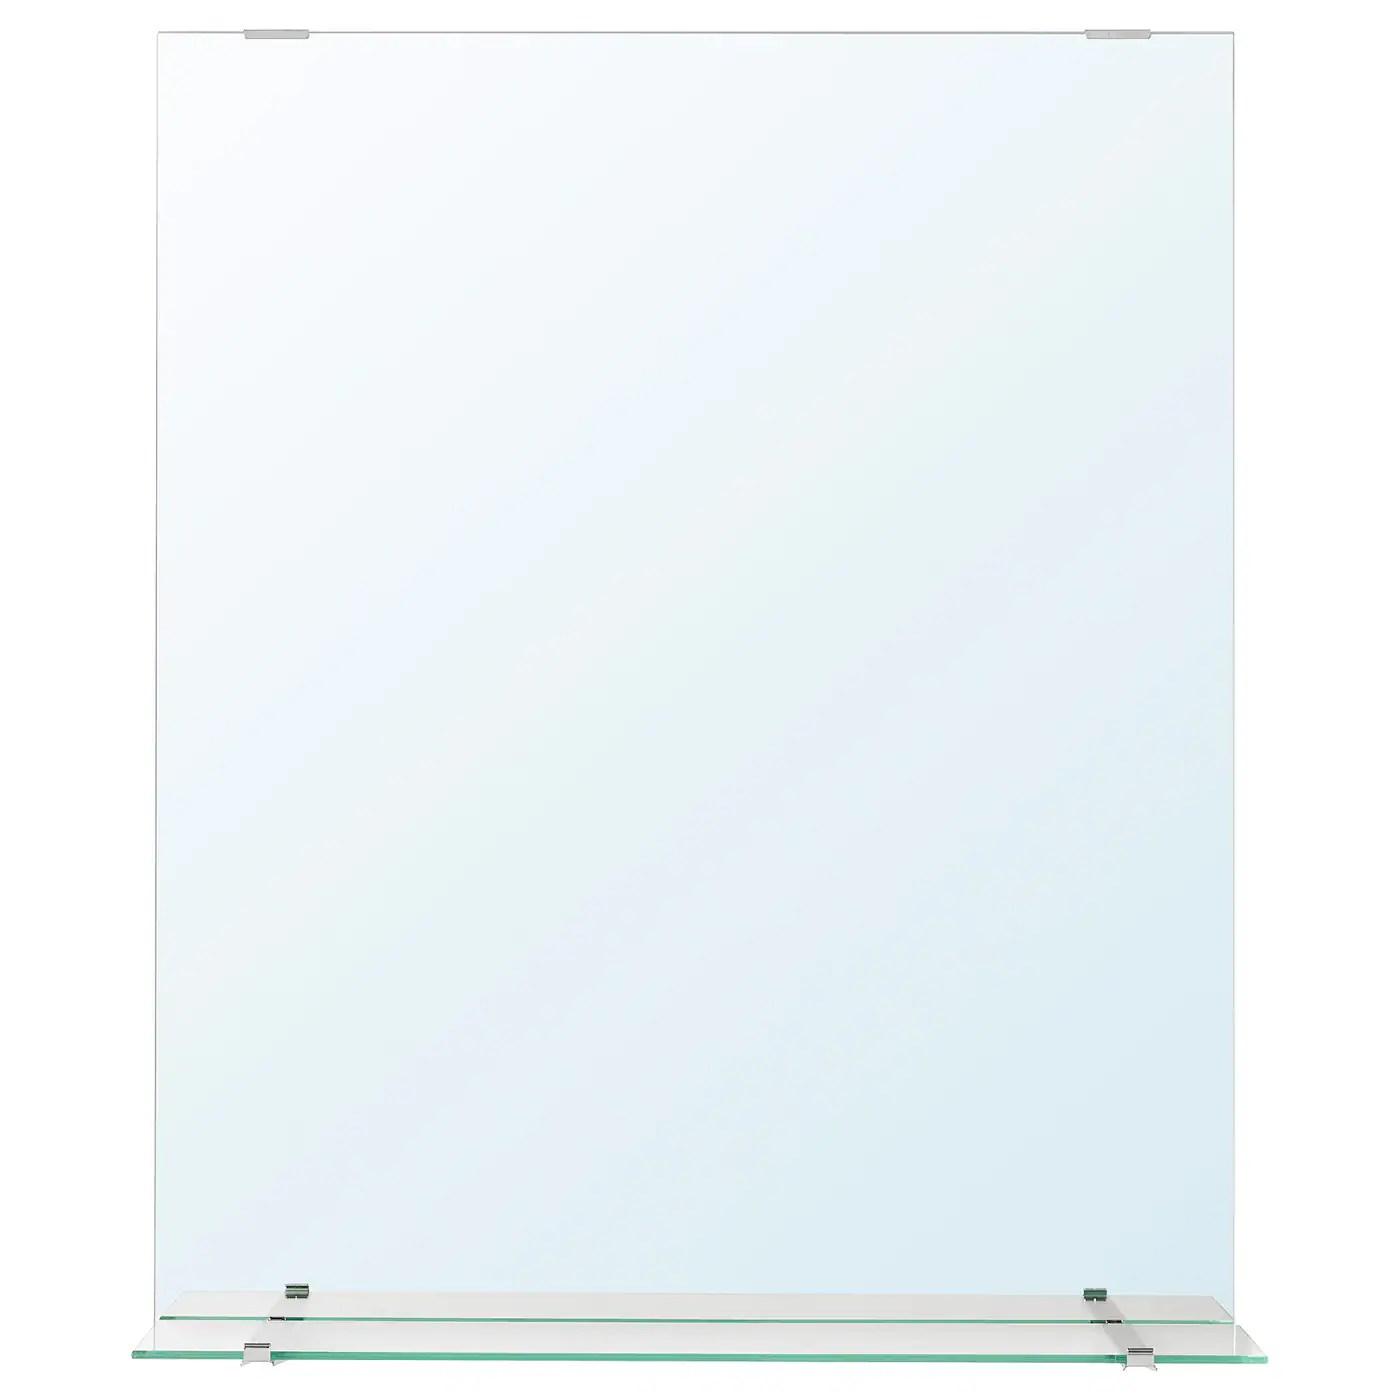 Fullen Miroir Avec Etagere 50x60cm Magasinez Chez Ikea Ikea